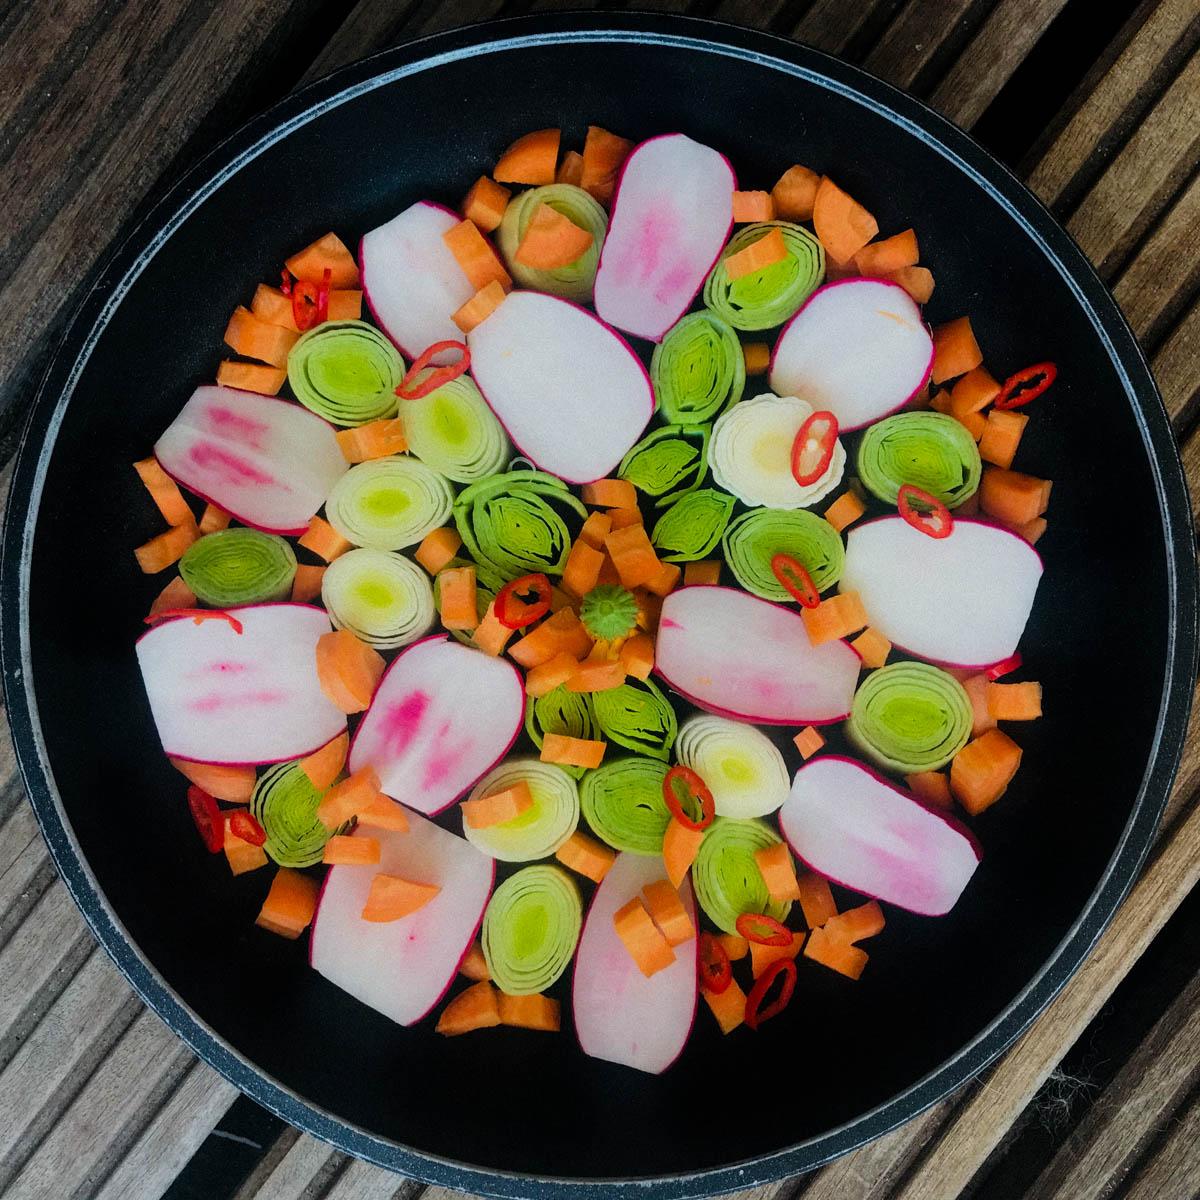 Maak een mooi plaatje van de groentes in de pan